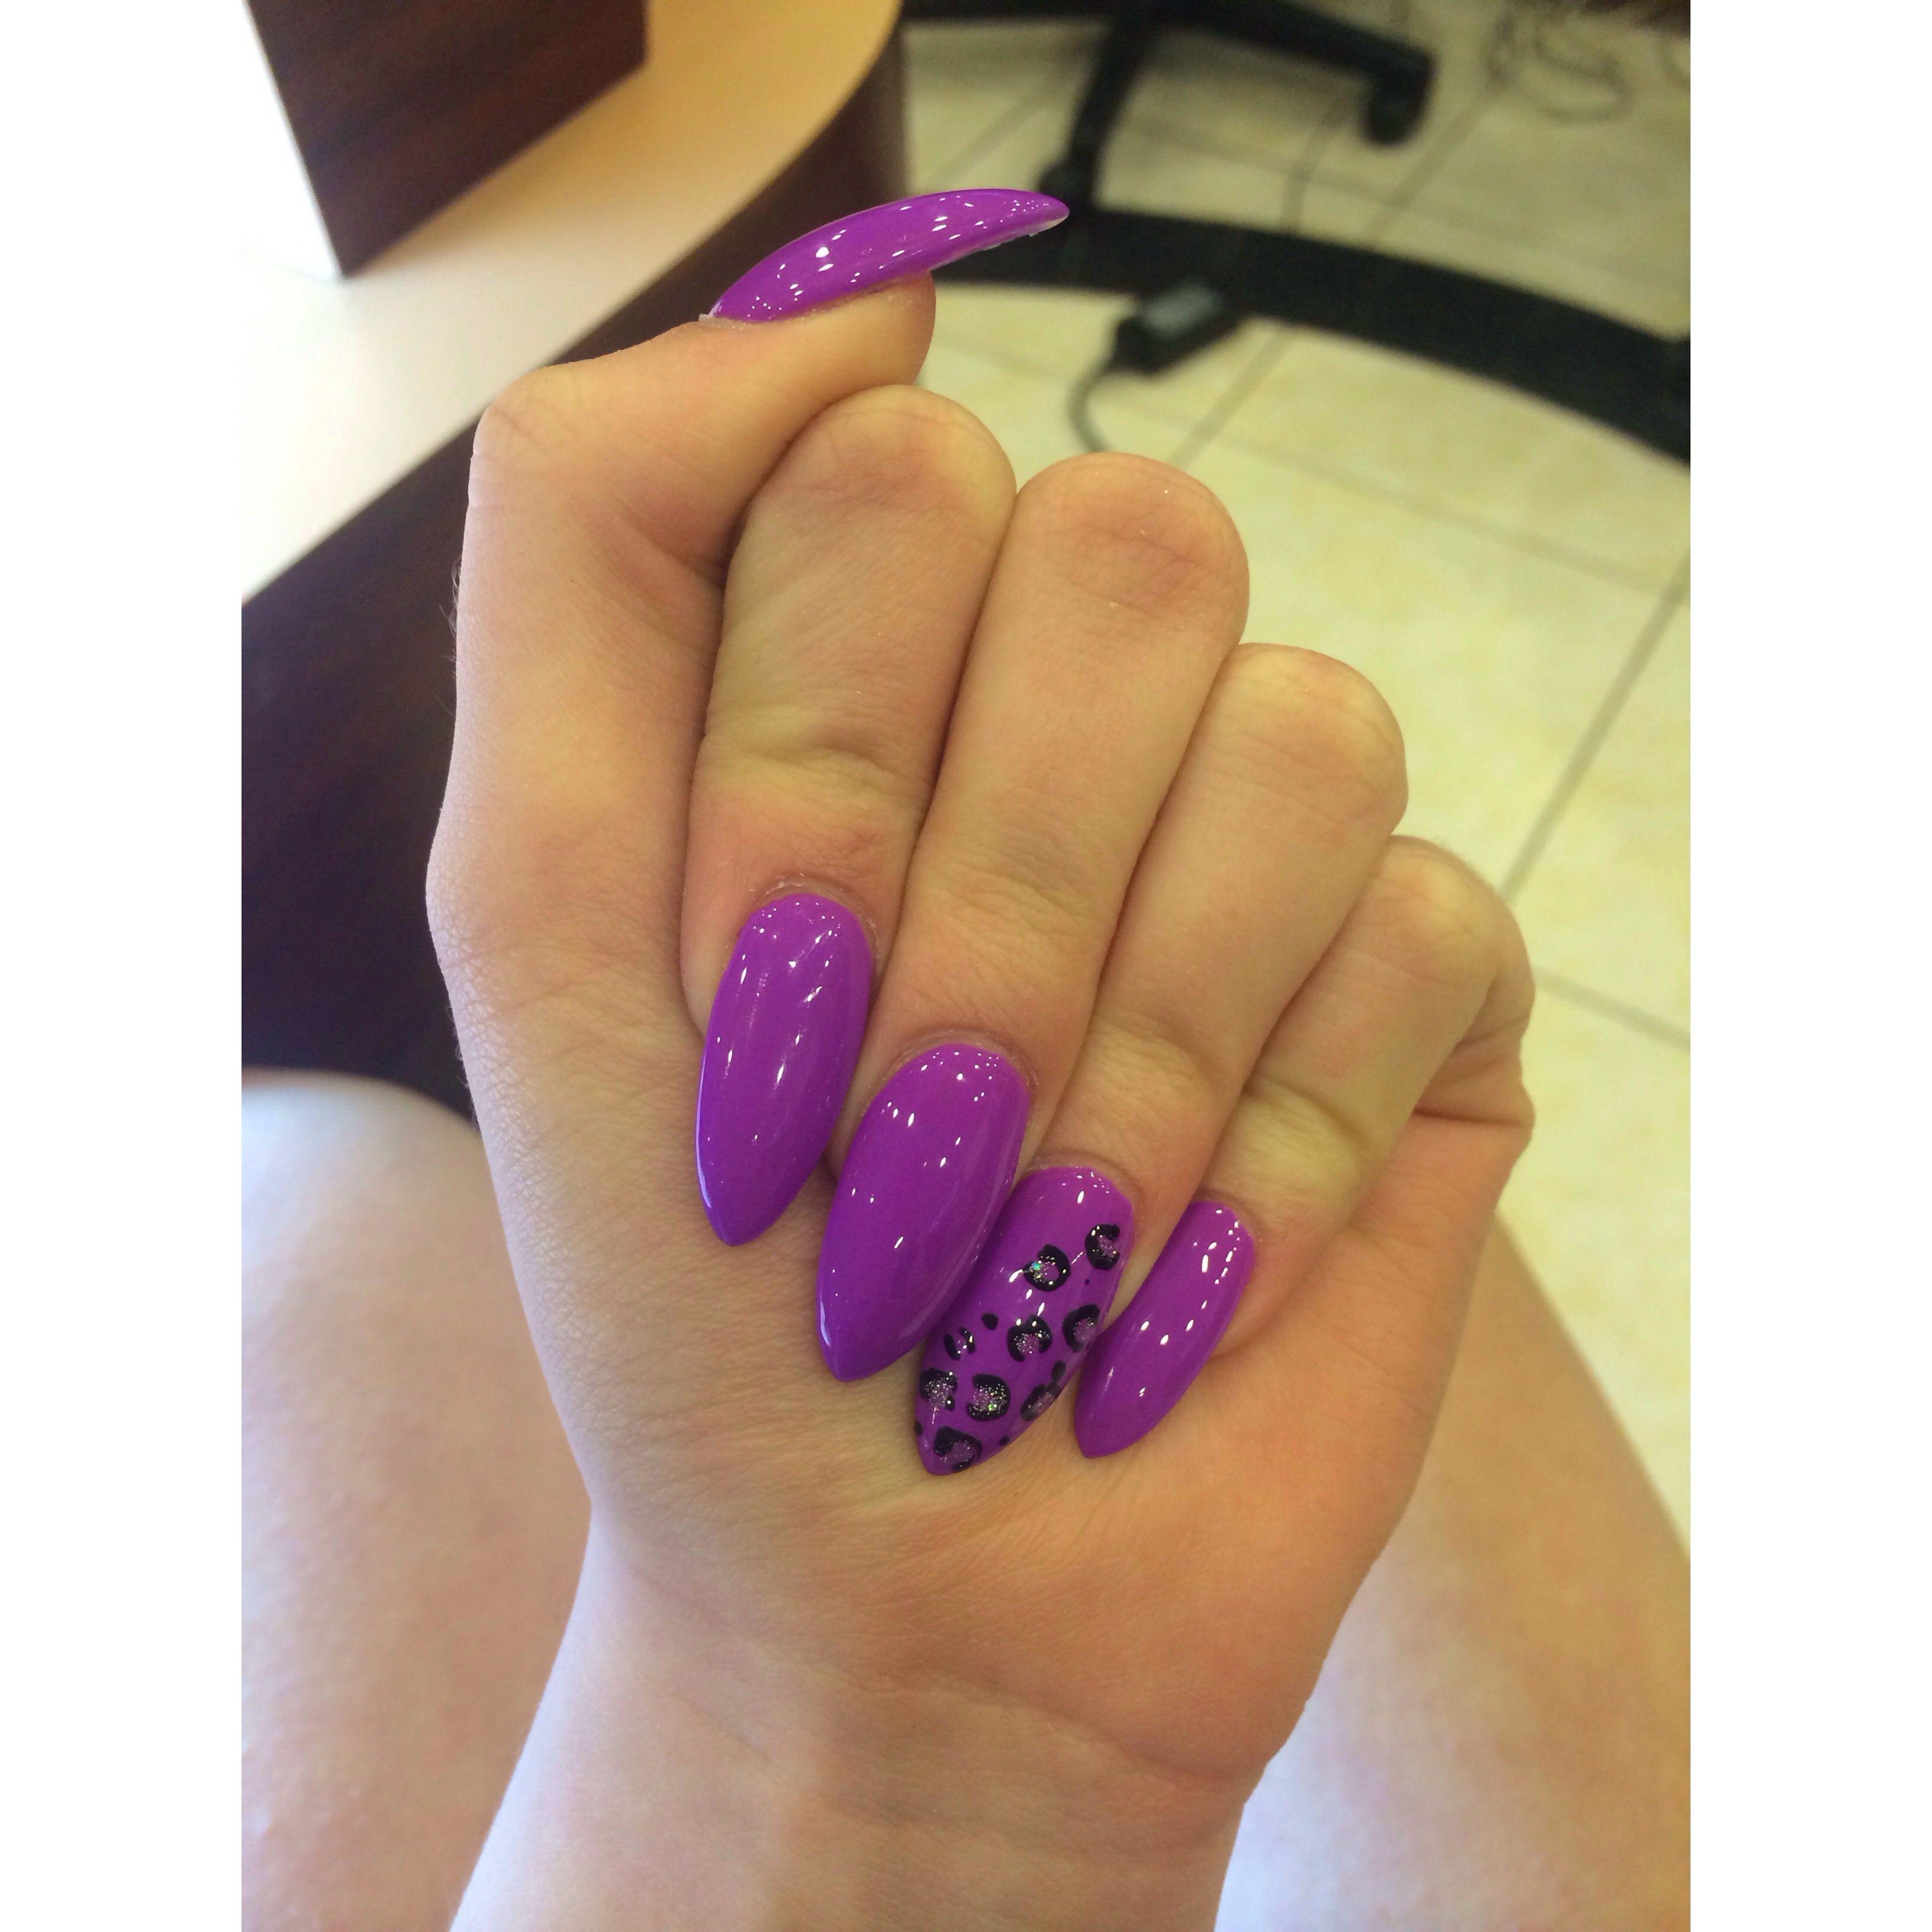 Purple leopard stiletto nails | Nails<3 | Pinterest | Hair makeup ...